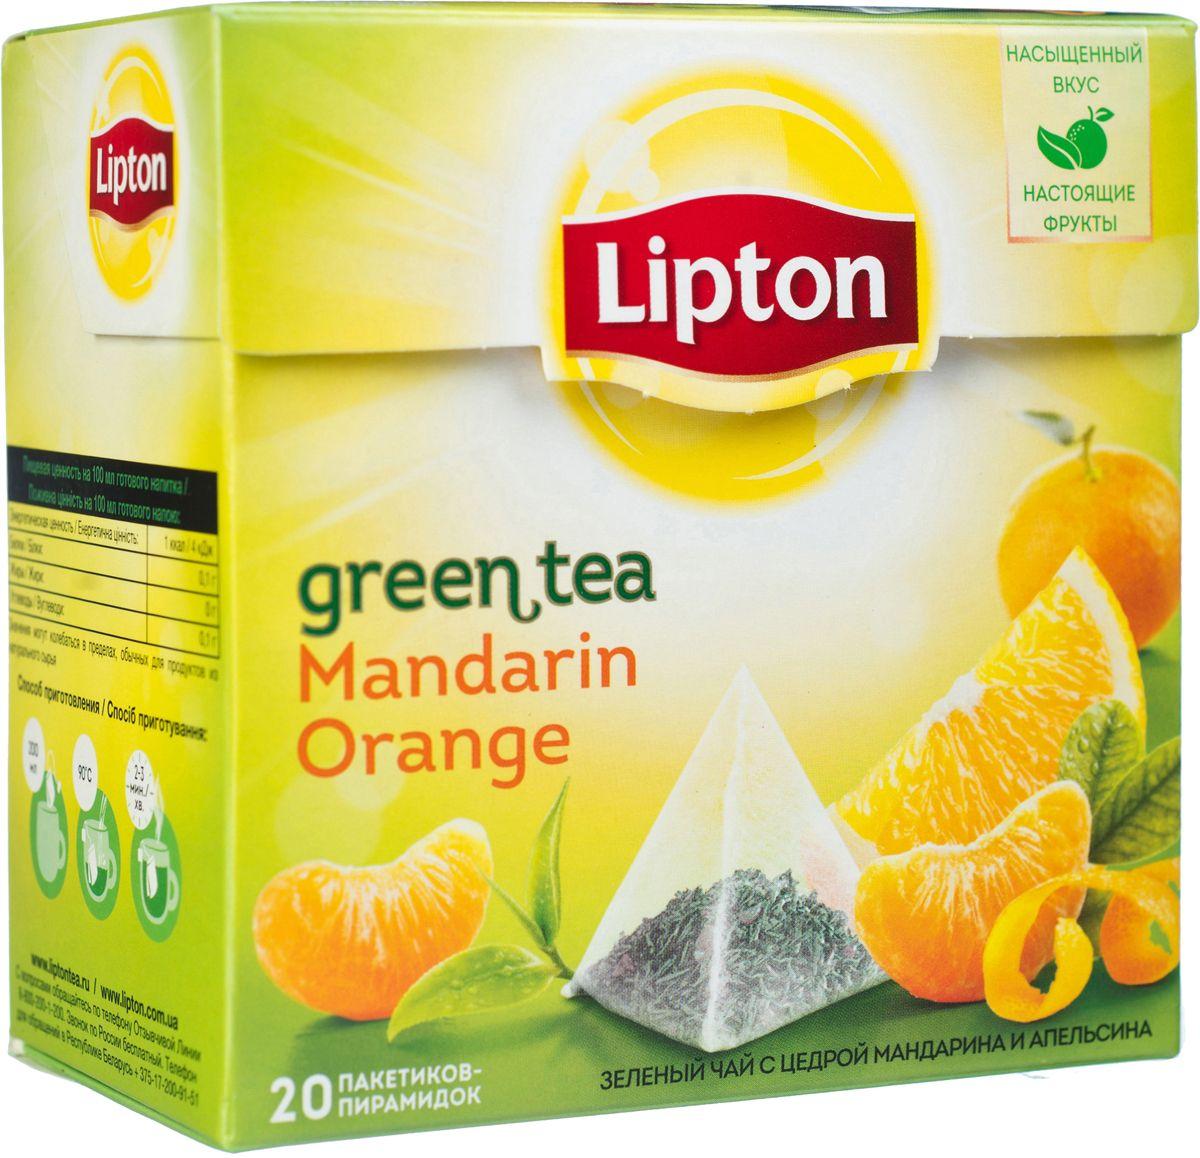 Lipton Зеленый чай Mandarin Orange 20 шт67009791/21187925/65414958Тщательно отобранные и бережно высушенные листочки зеленого чая рождают нежный, легкий вкус, в котором почти не осталось места для горечи. Вместе с сочной и ароматной цедрой мандарина и апельсина они образуют восхитительный союз, все грани которого полностью раскрываются благодаря свободному пространству в пакетике-пирамидке. Узнайте рецепт гармонии с Lipton Mandarin Oranqe Green Tea!